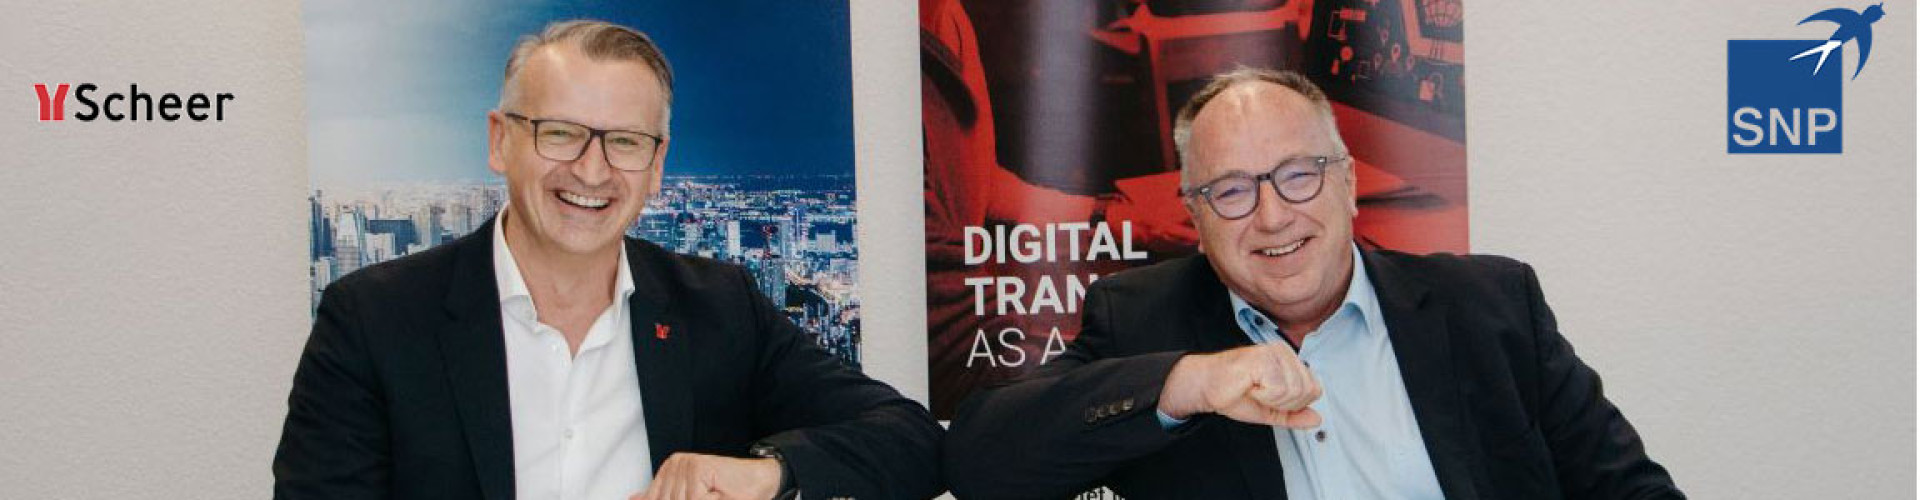 SNP & Scheer Partnership